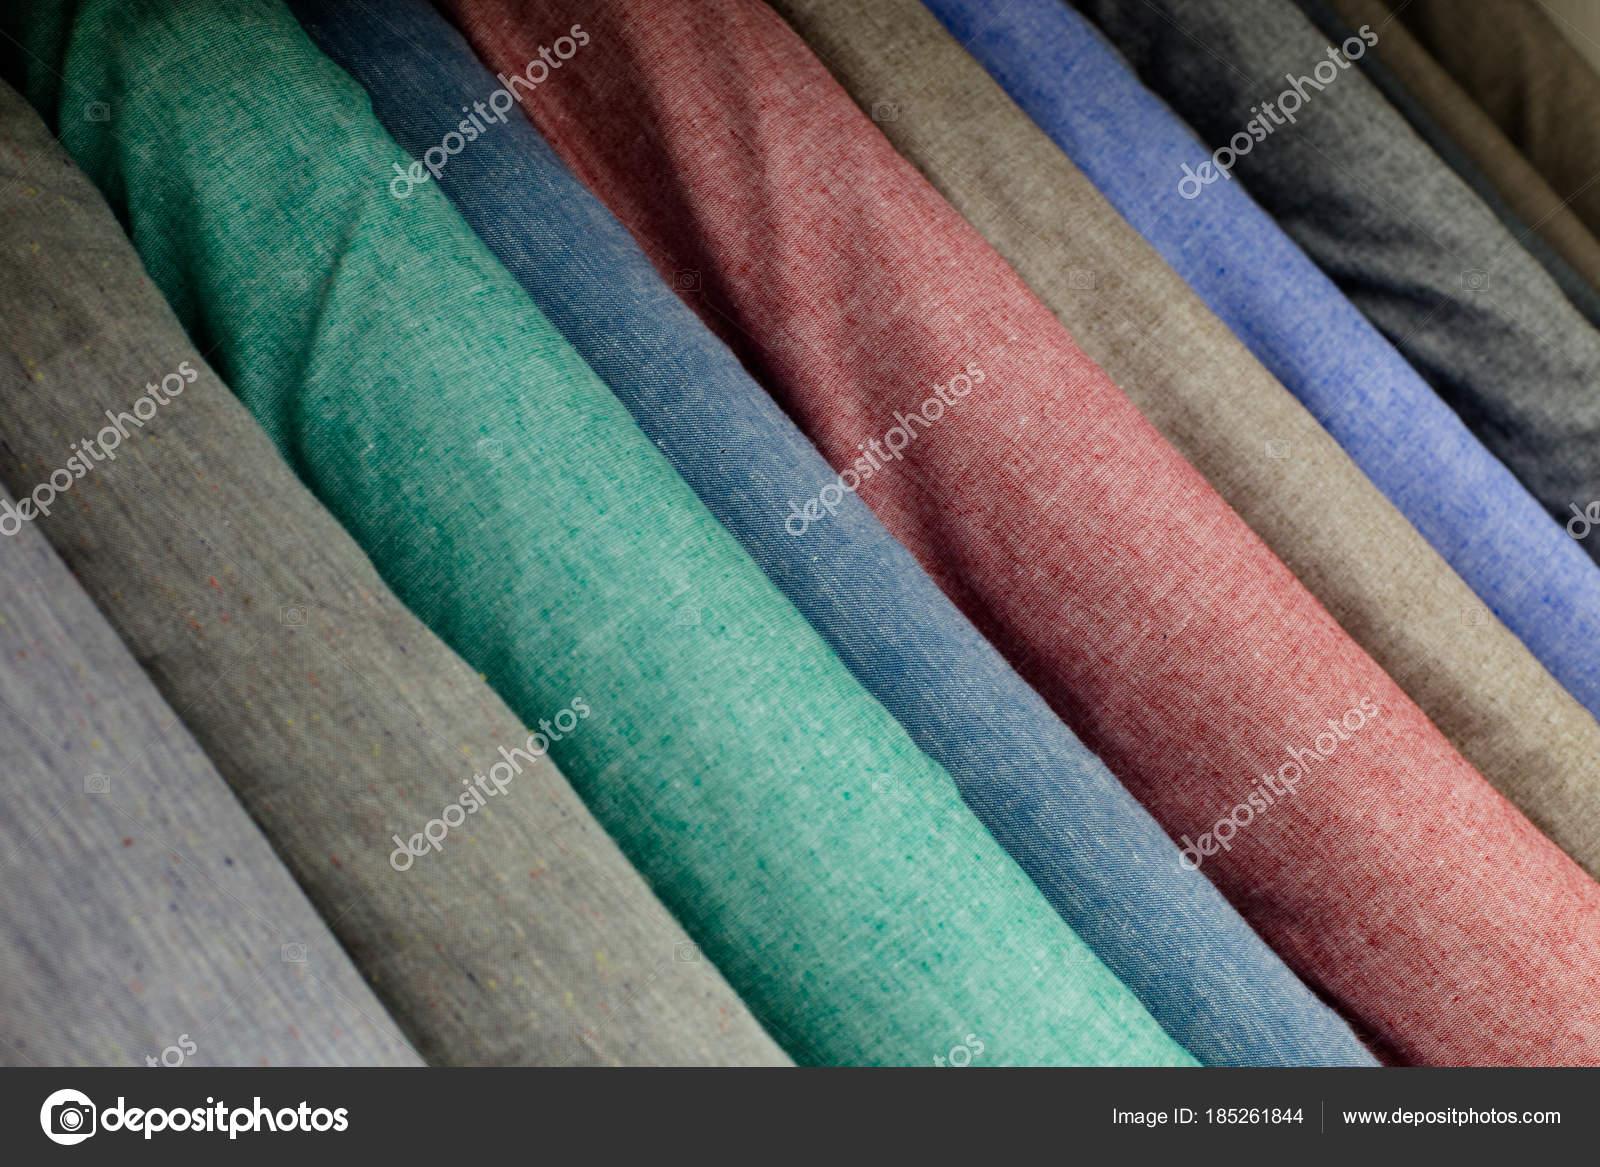 3b7f80652d Muestras de tela en la tienda. Un montón de tela rollos. Fondo de las  muestras de textiles. Pernos de tonos pastel de paño de lino.